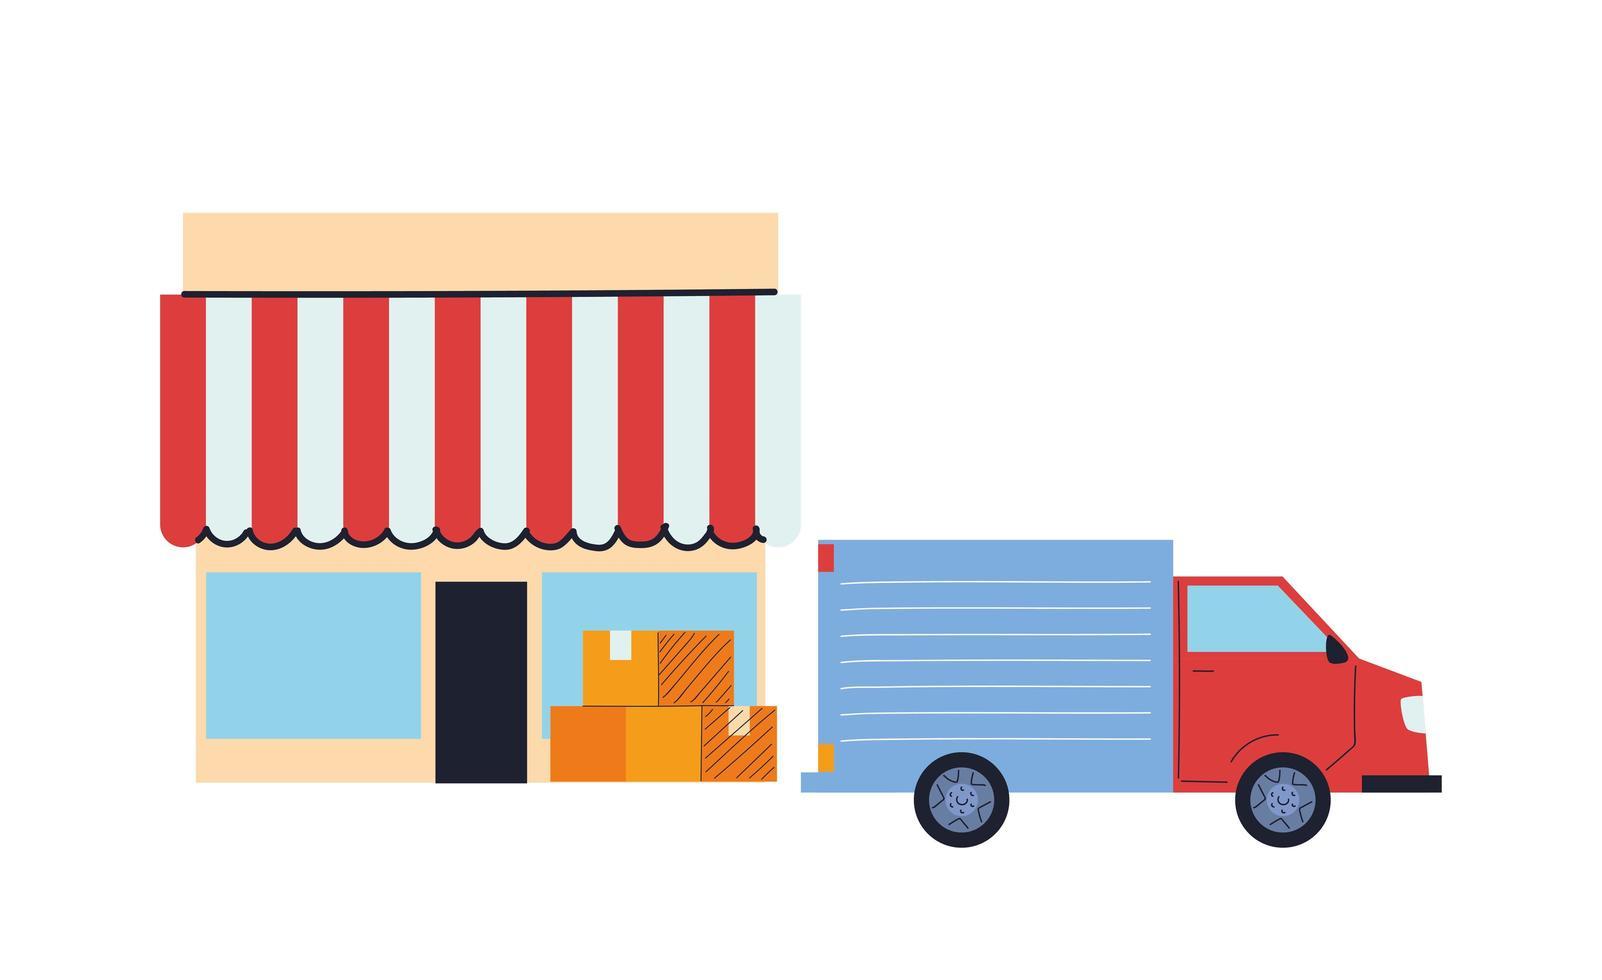 camión de carga que realiza entregas a la tienda vector